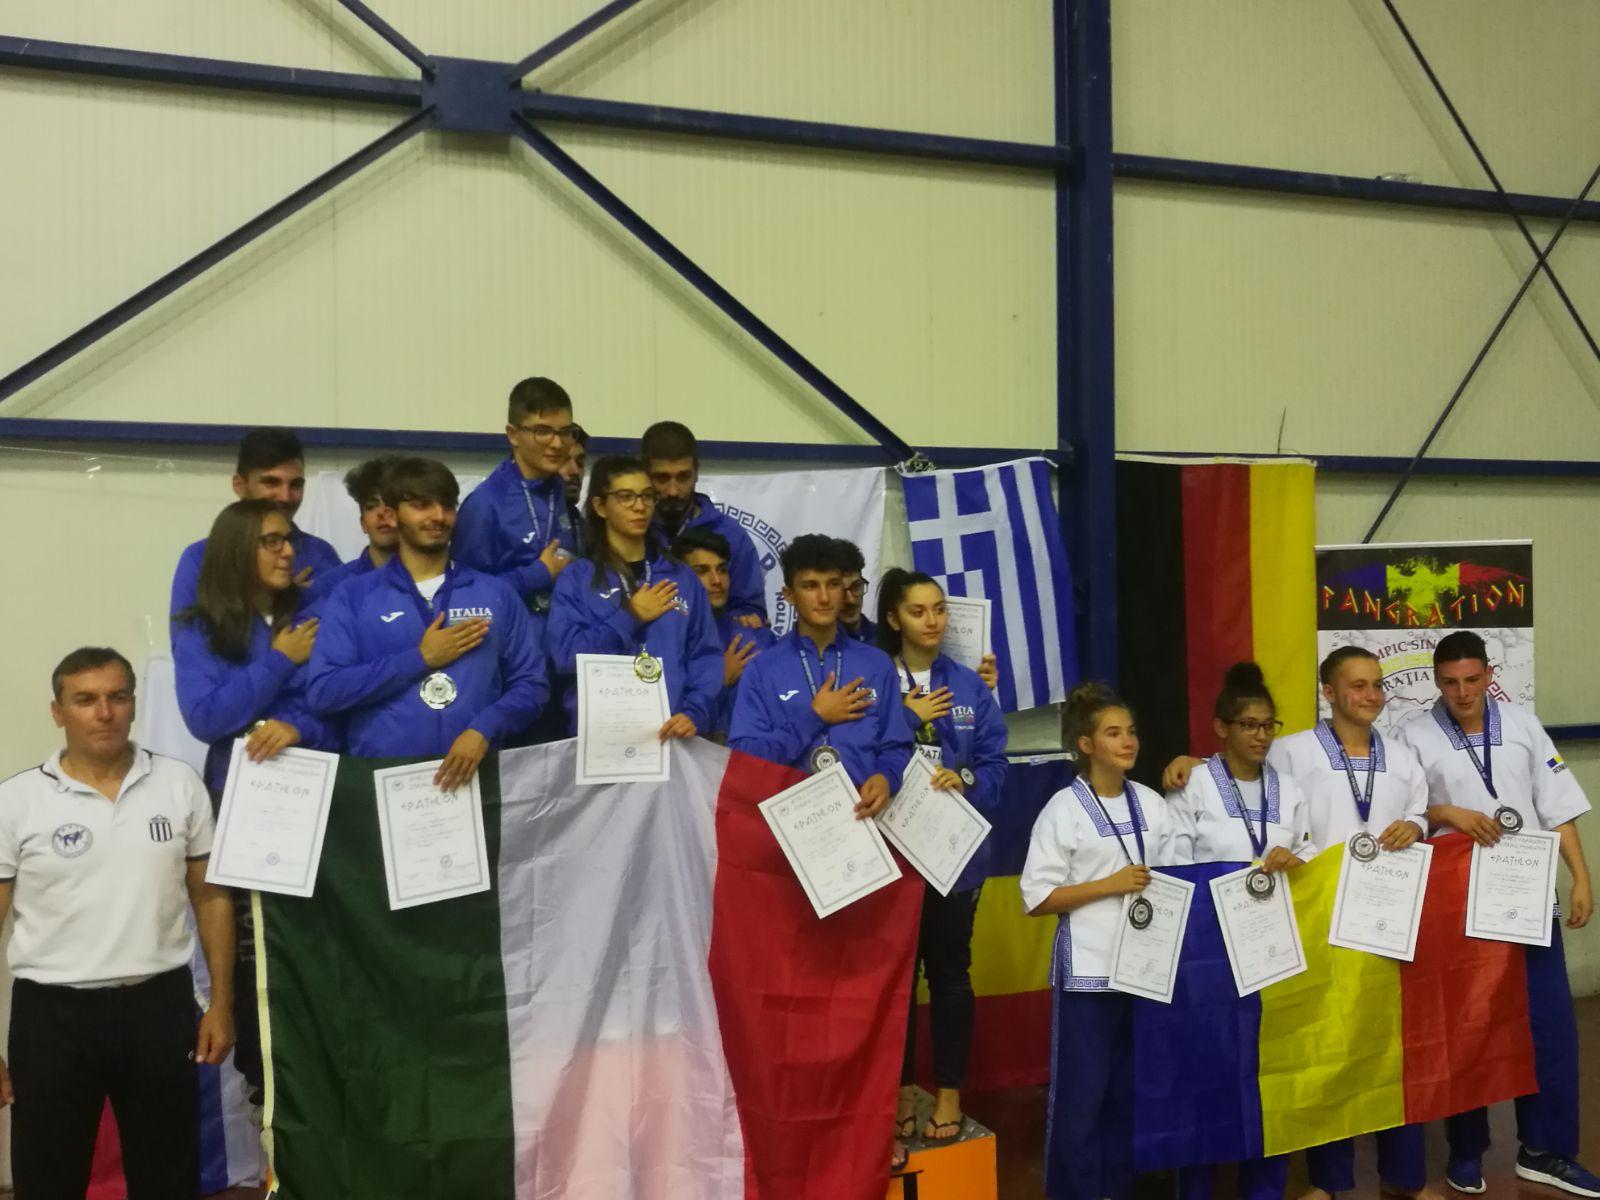 savianese cecilia cristina di laora campionato europeo grecia